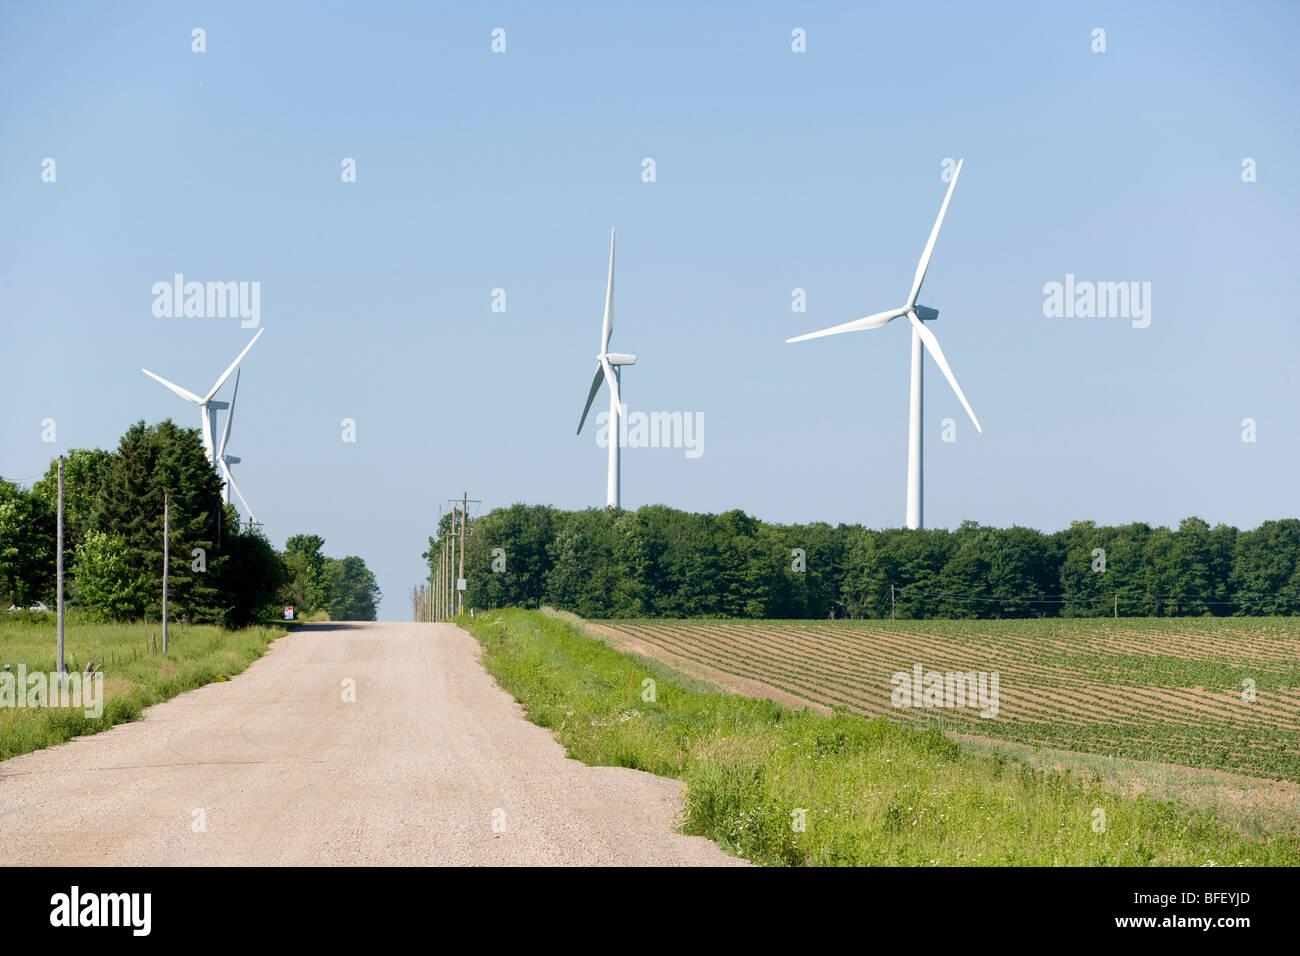 Las turbinas eólicas, Shellburne, Ontario, Canadá, la energía eólica, la energía alternativa Foto de stock